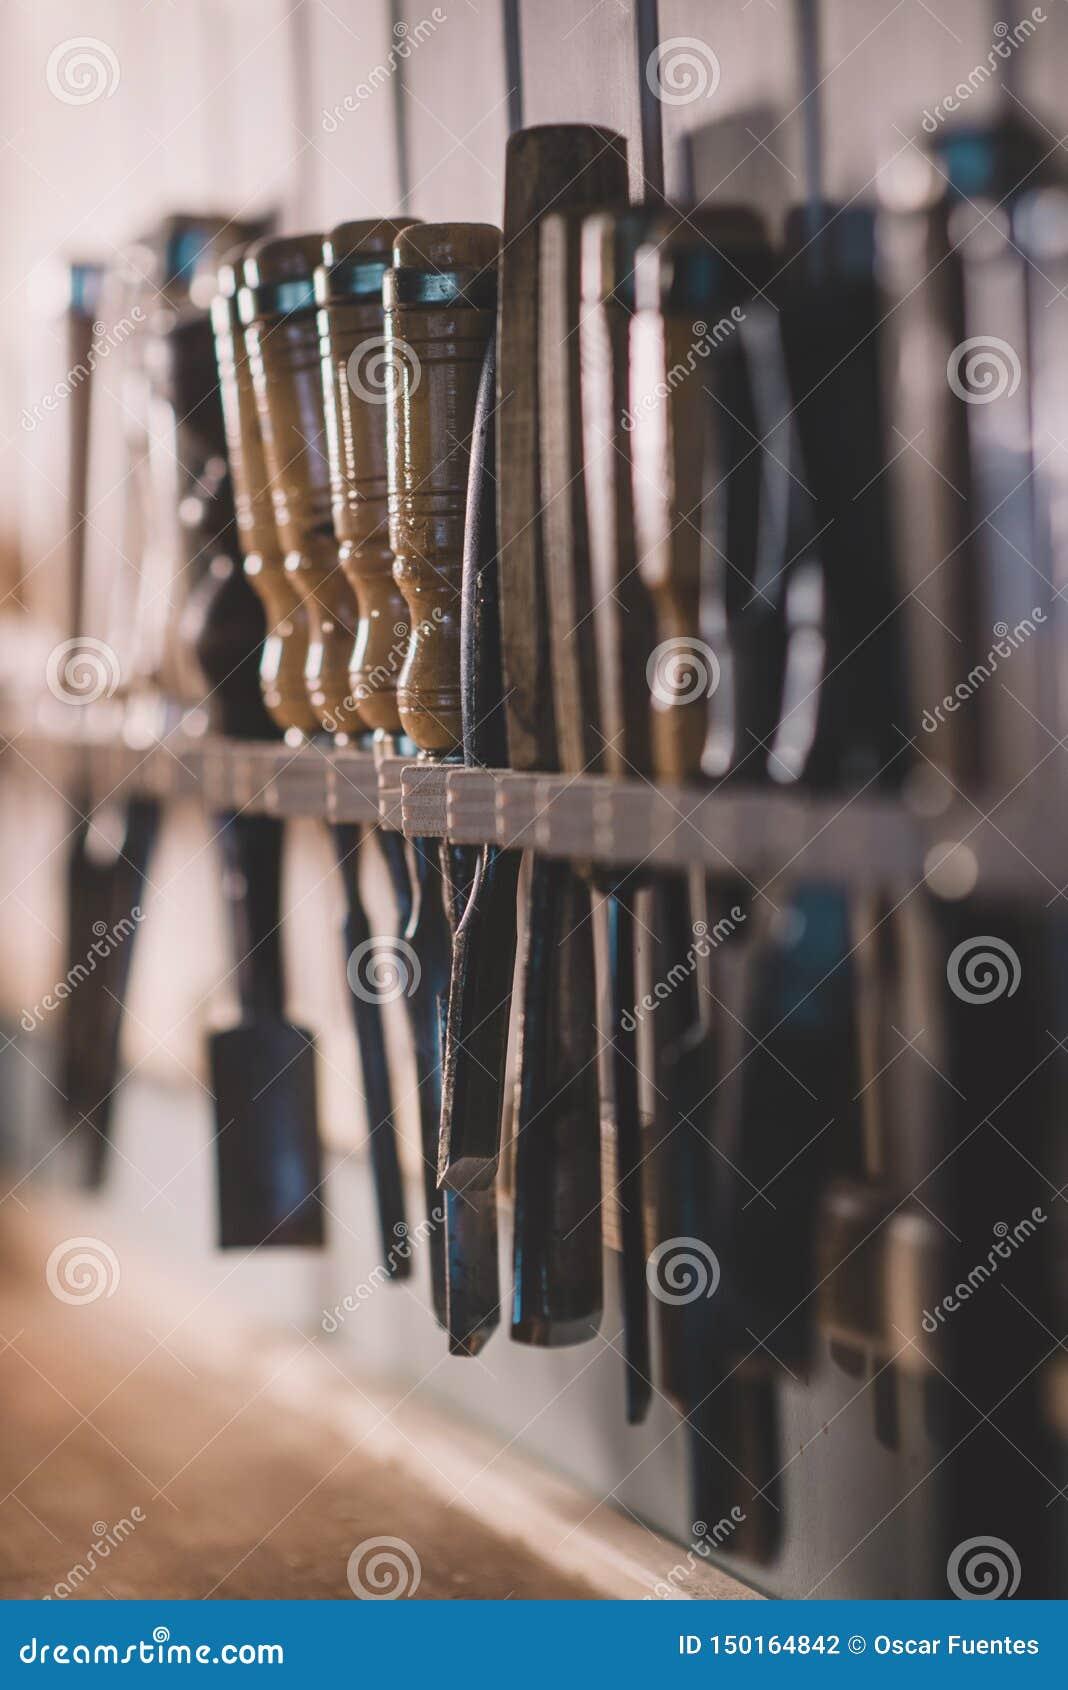 Cincel para la madera, herramientas más luthier para trabajar